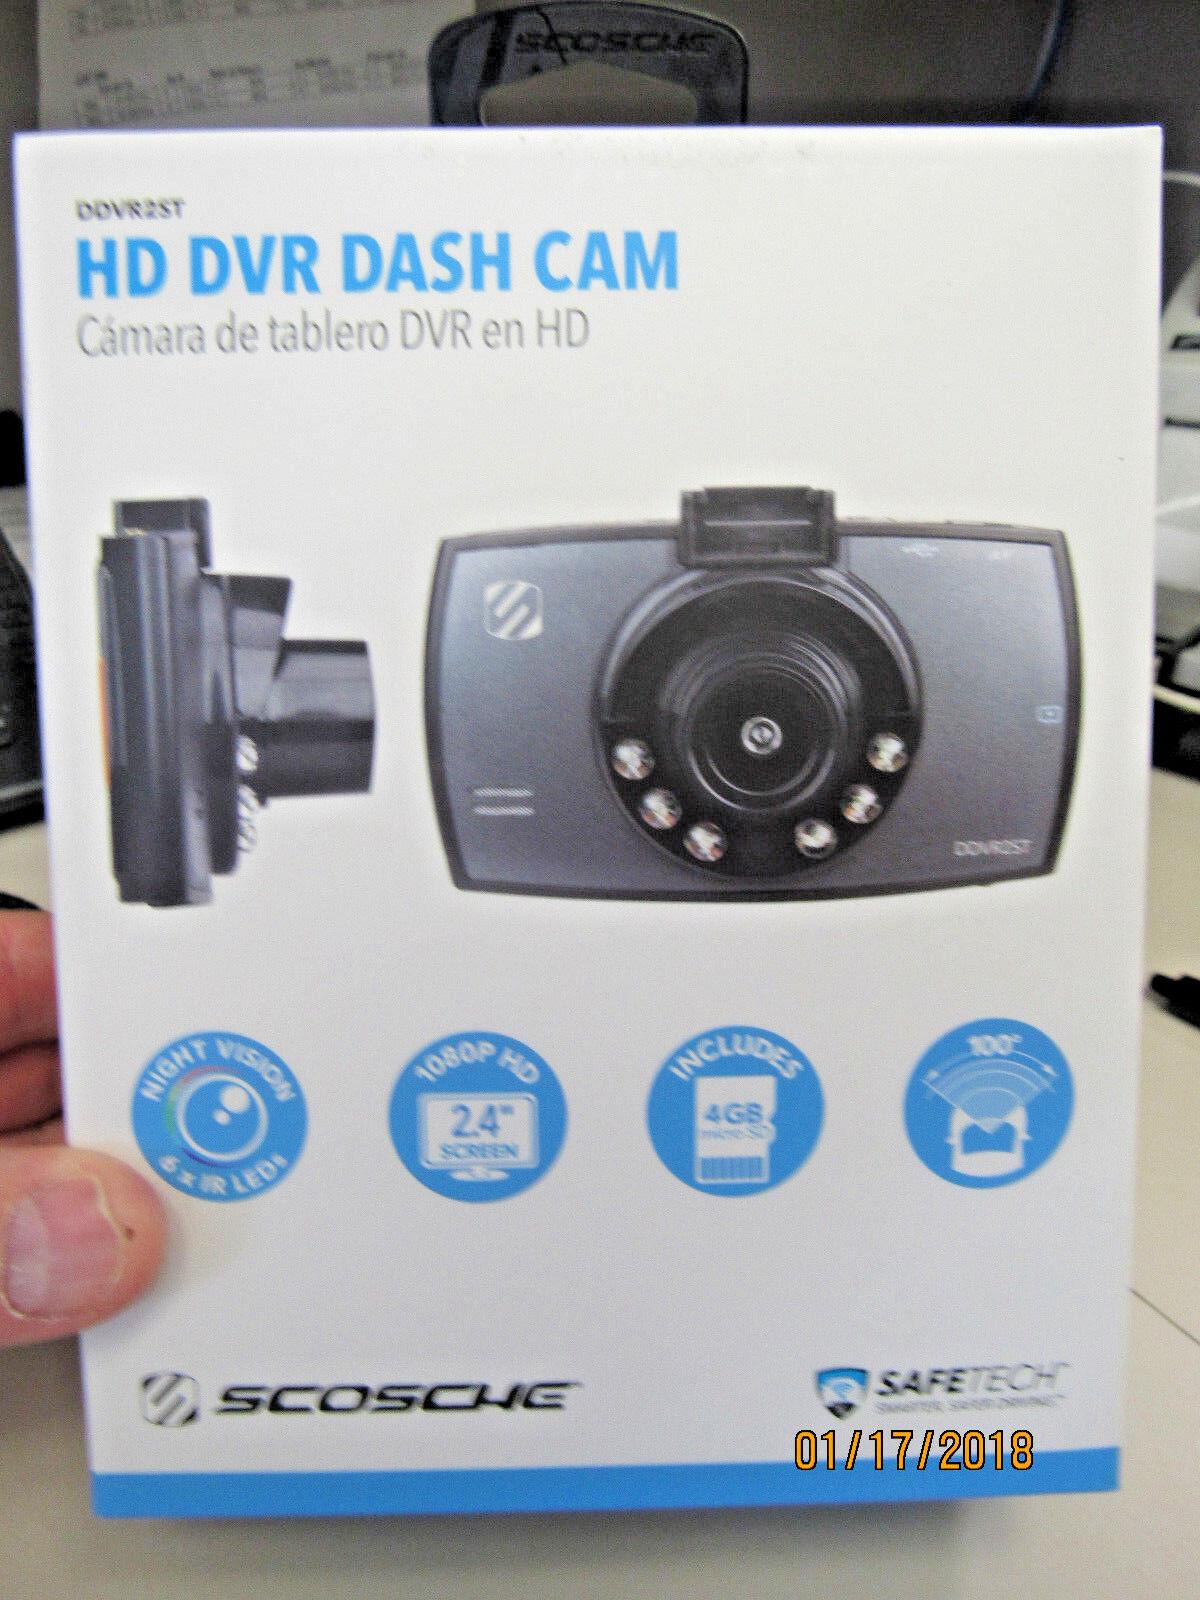 Scosche DDVR2-ST1 HD Digital Video Camera Record For Dash